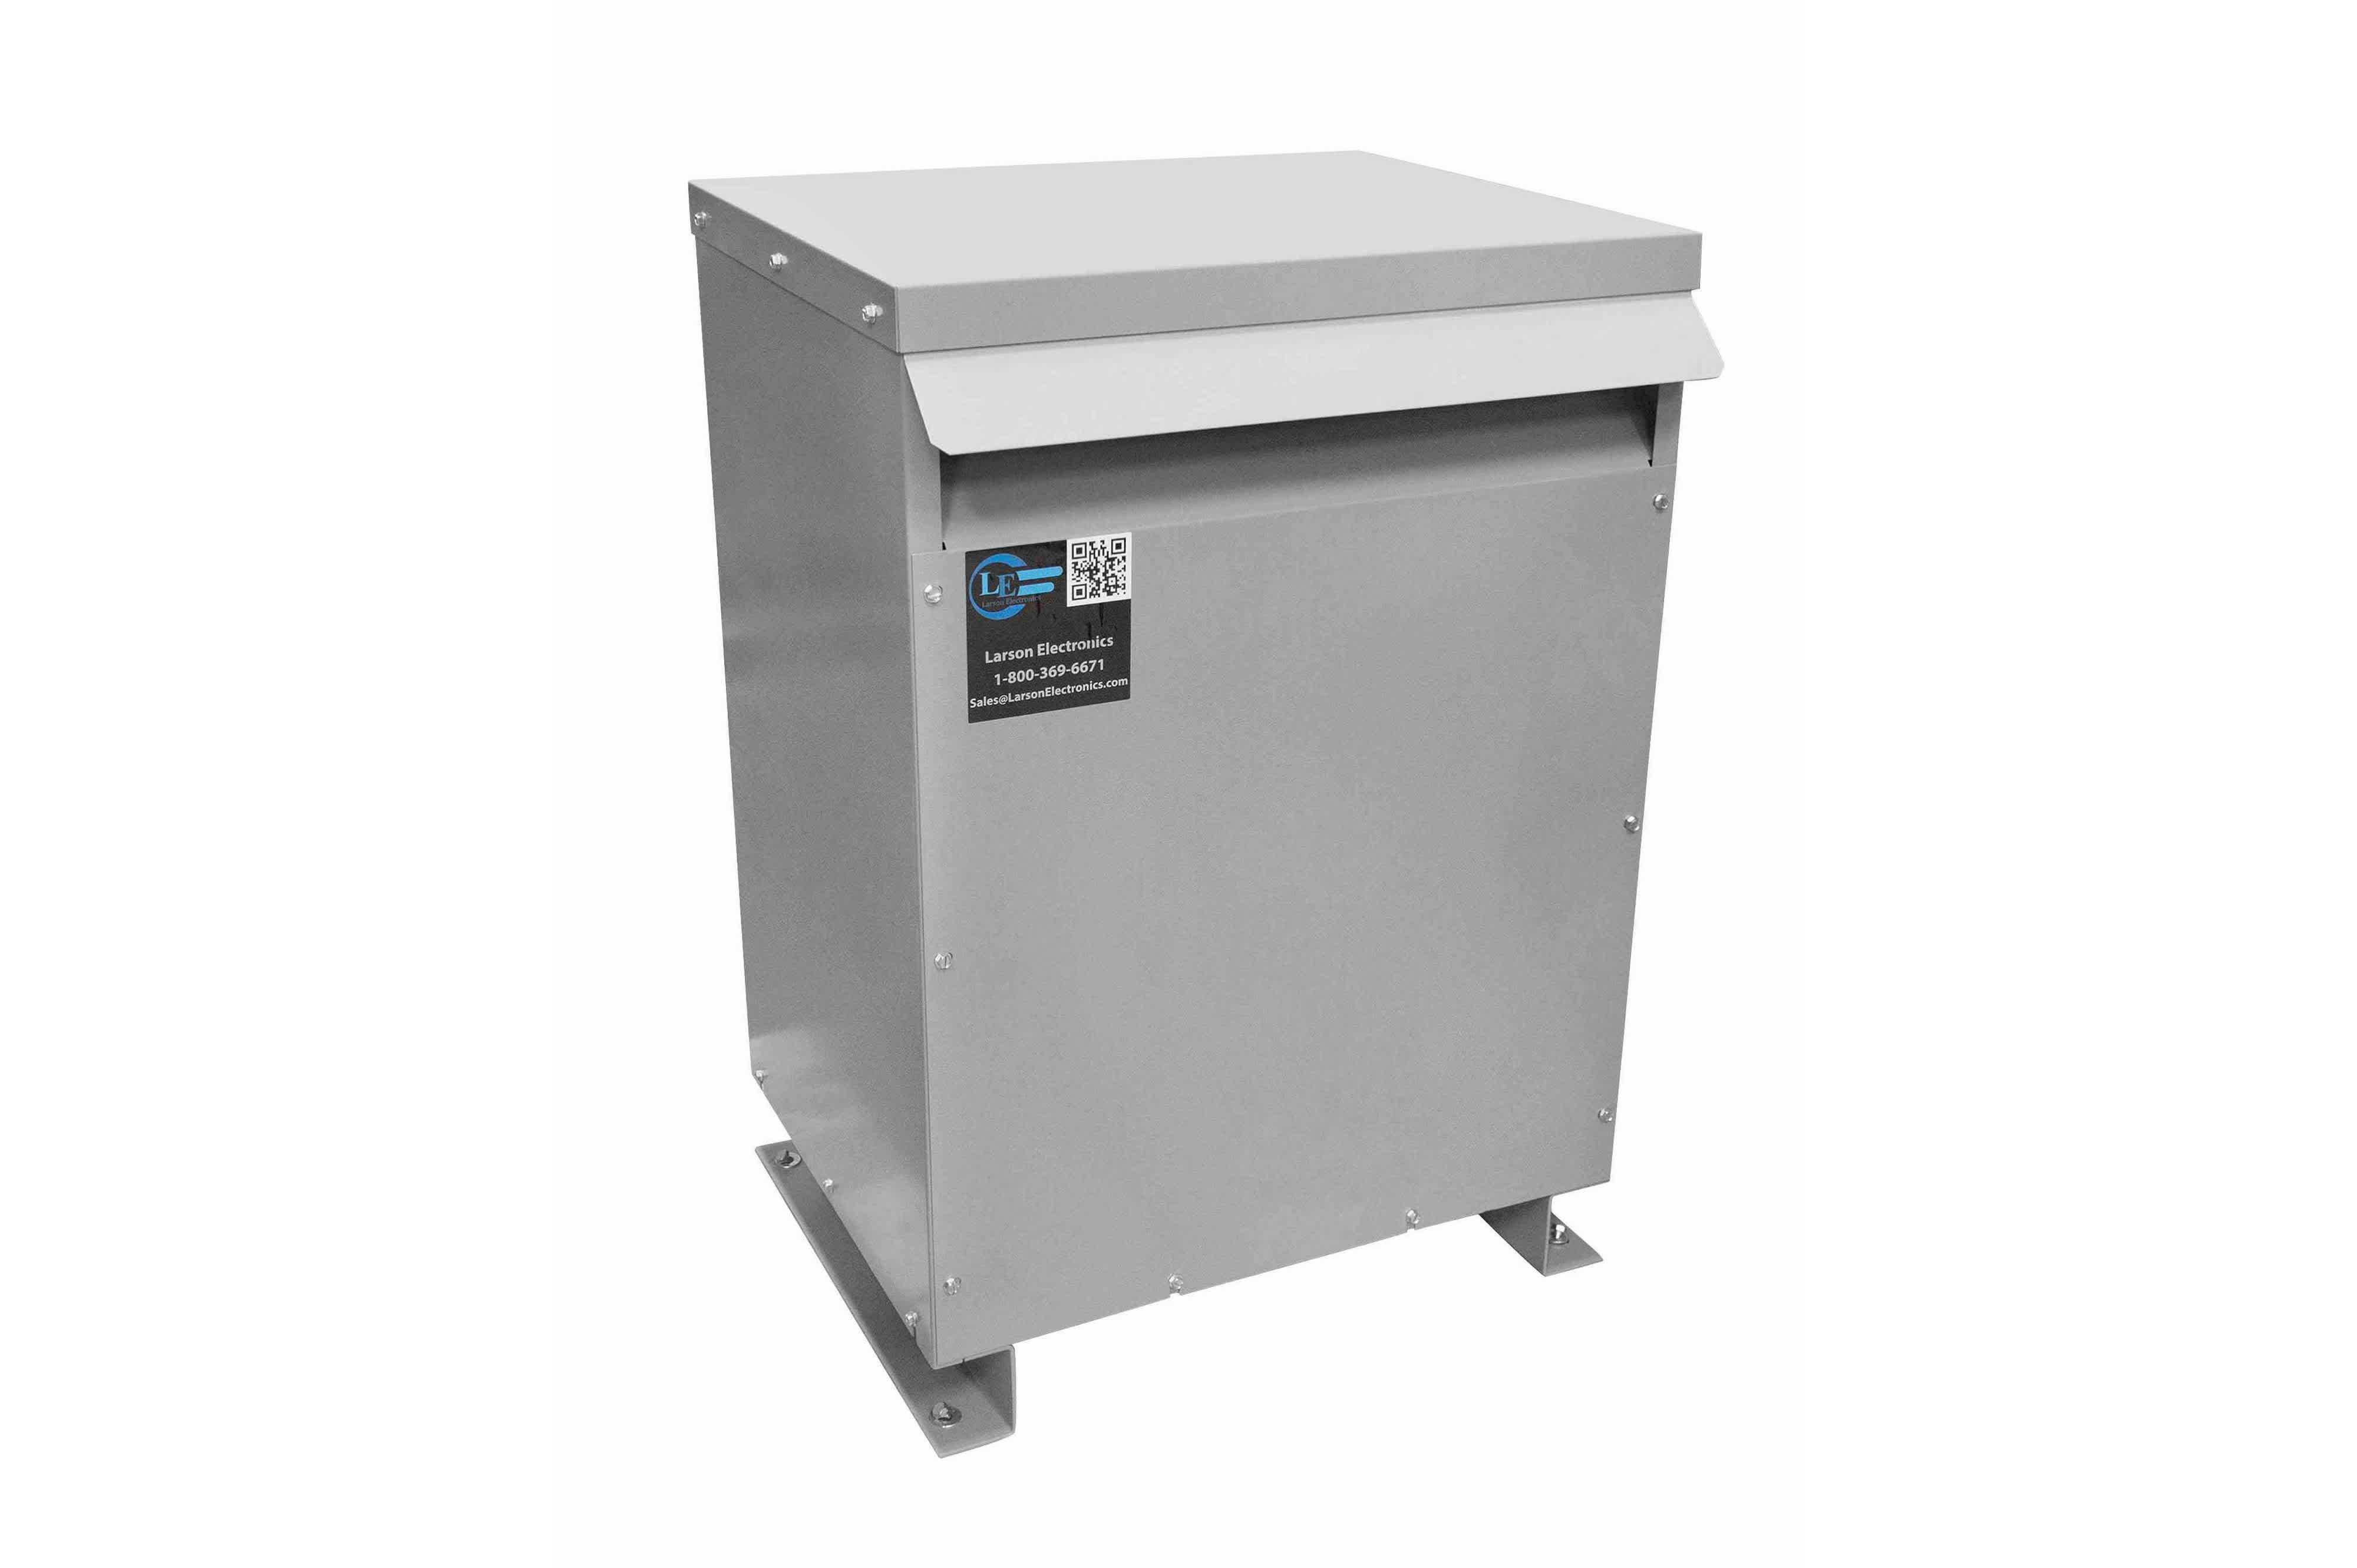 600 kVA 3PH Isolation Transformer, 600V Delta Primary, 480V Delta Secondary, N3R, Ventilated, 60 Hz